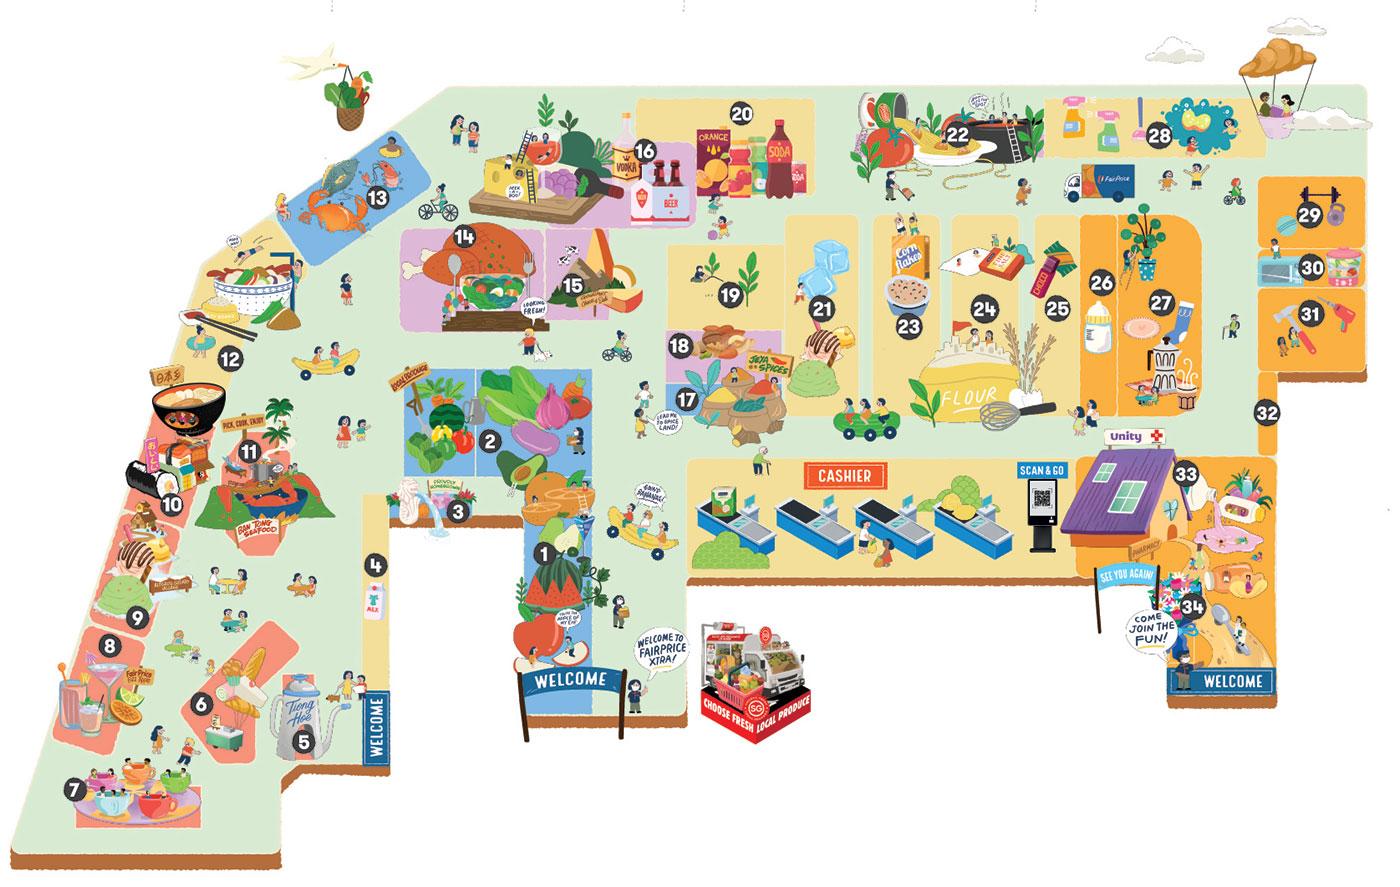 FairPrice Parkway Parade Map